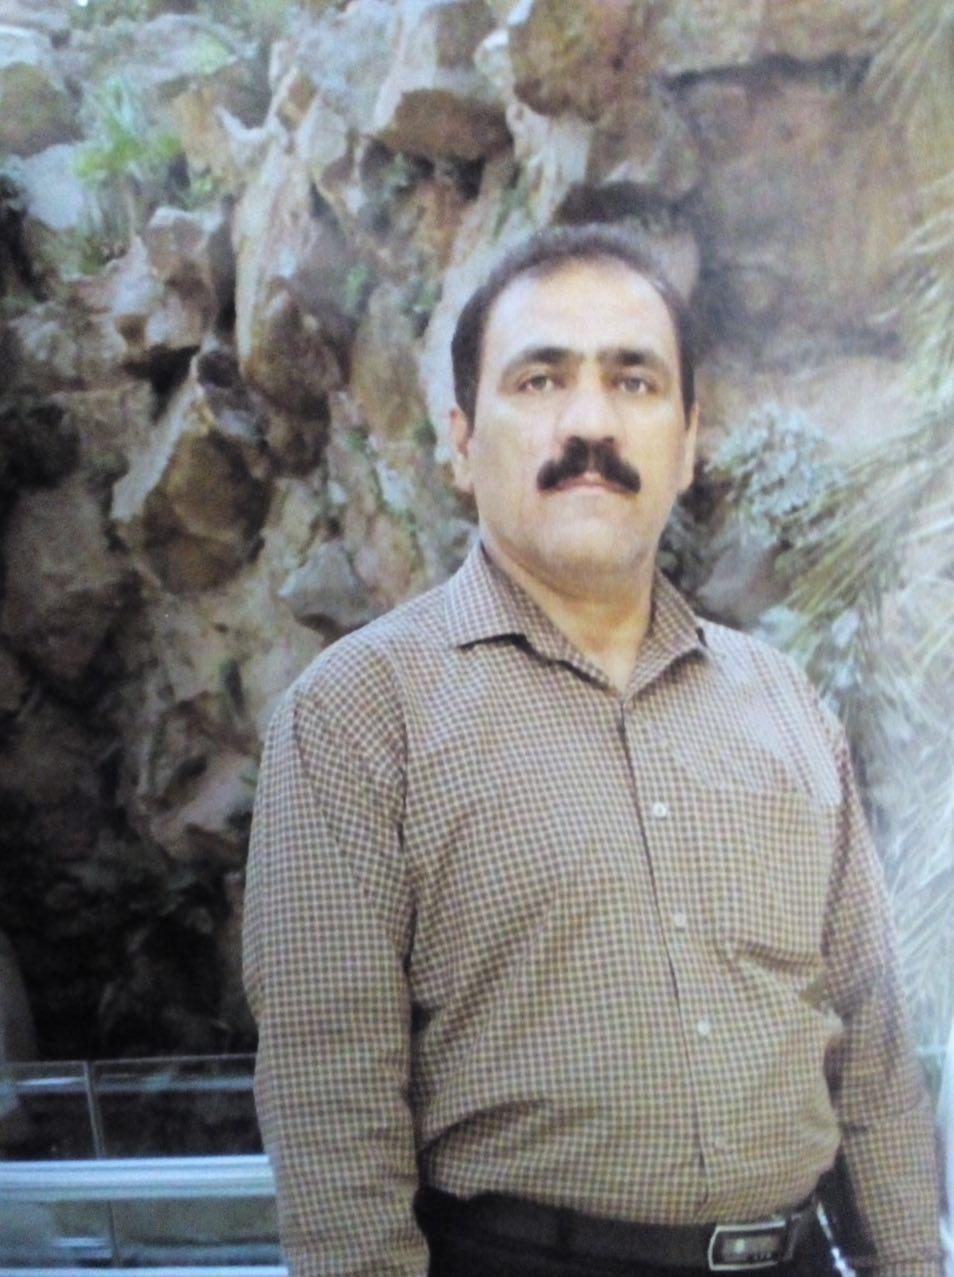 مرتضی قبادی زلزله کرمانشاه حوادث کرمانشاه حسن نیرپور ایست قلبی ارتش ایران